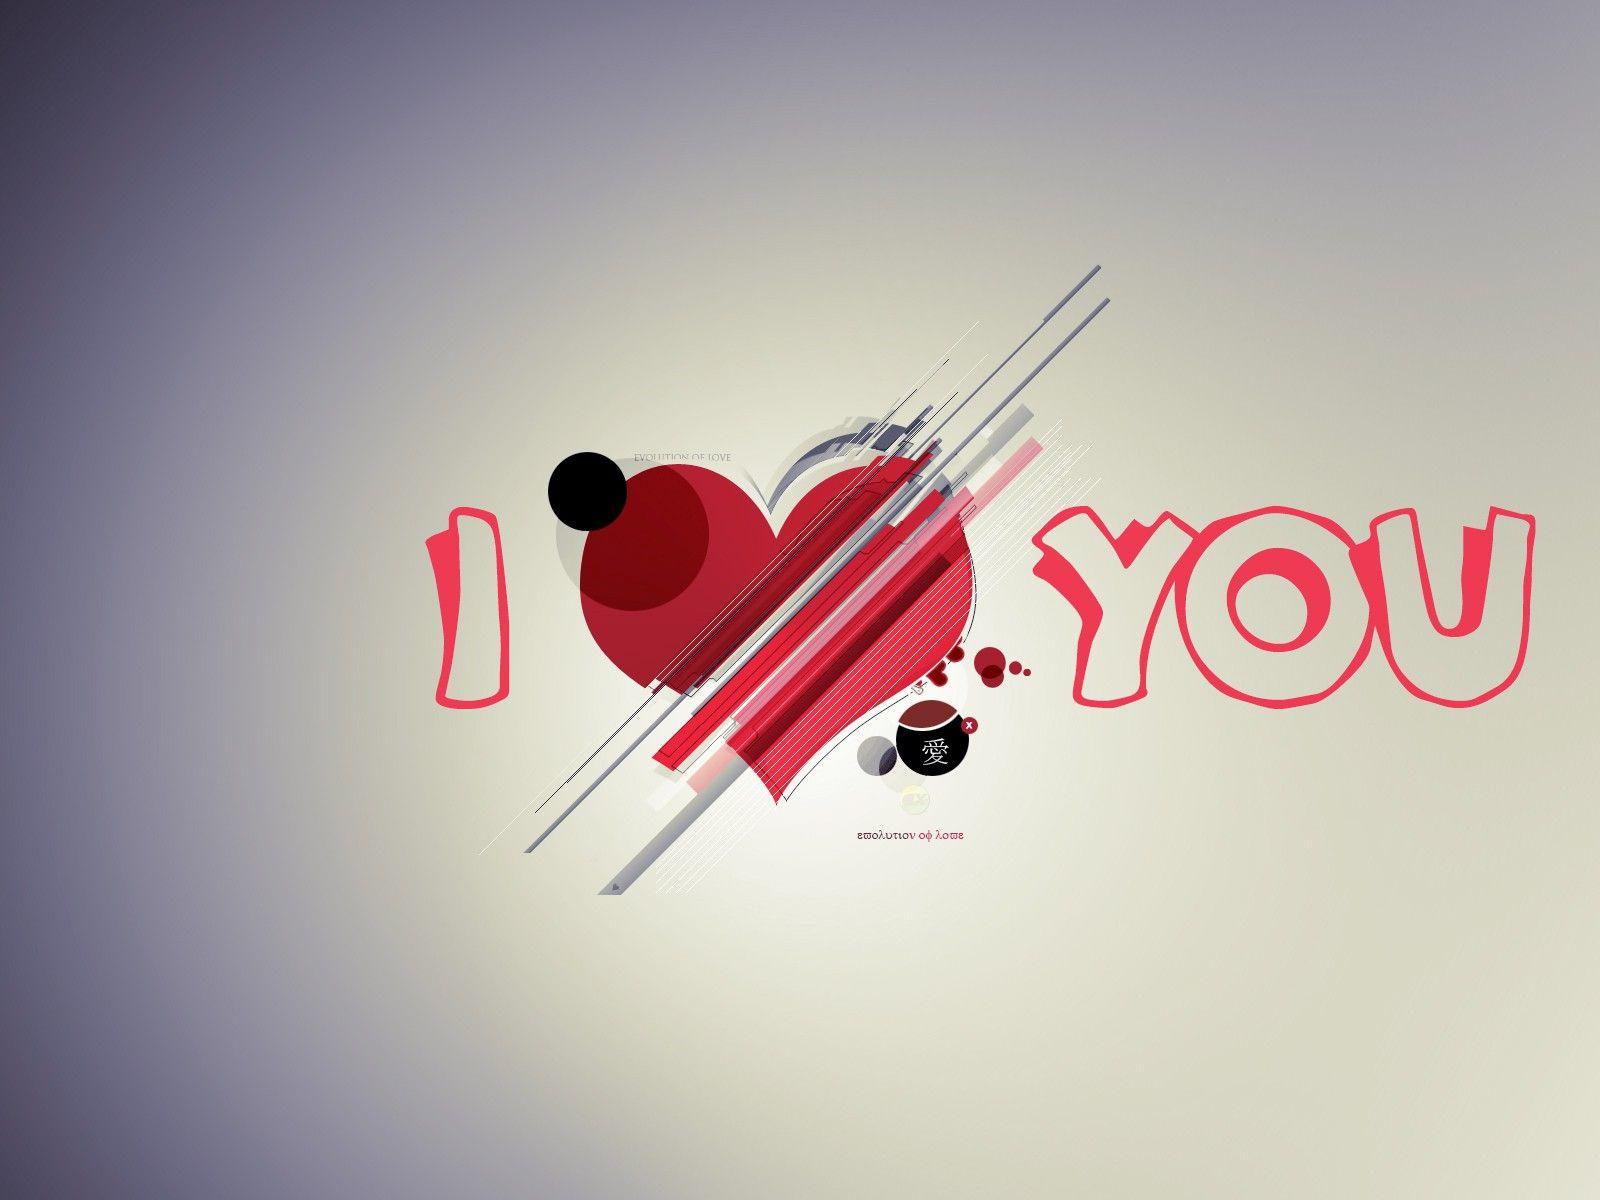 Cool I Love You Desktop Wallpaper Jpg Love You Images I Love